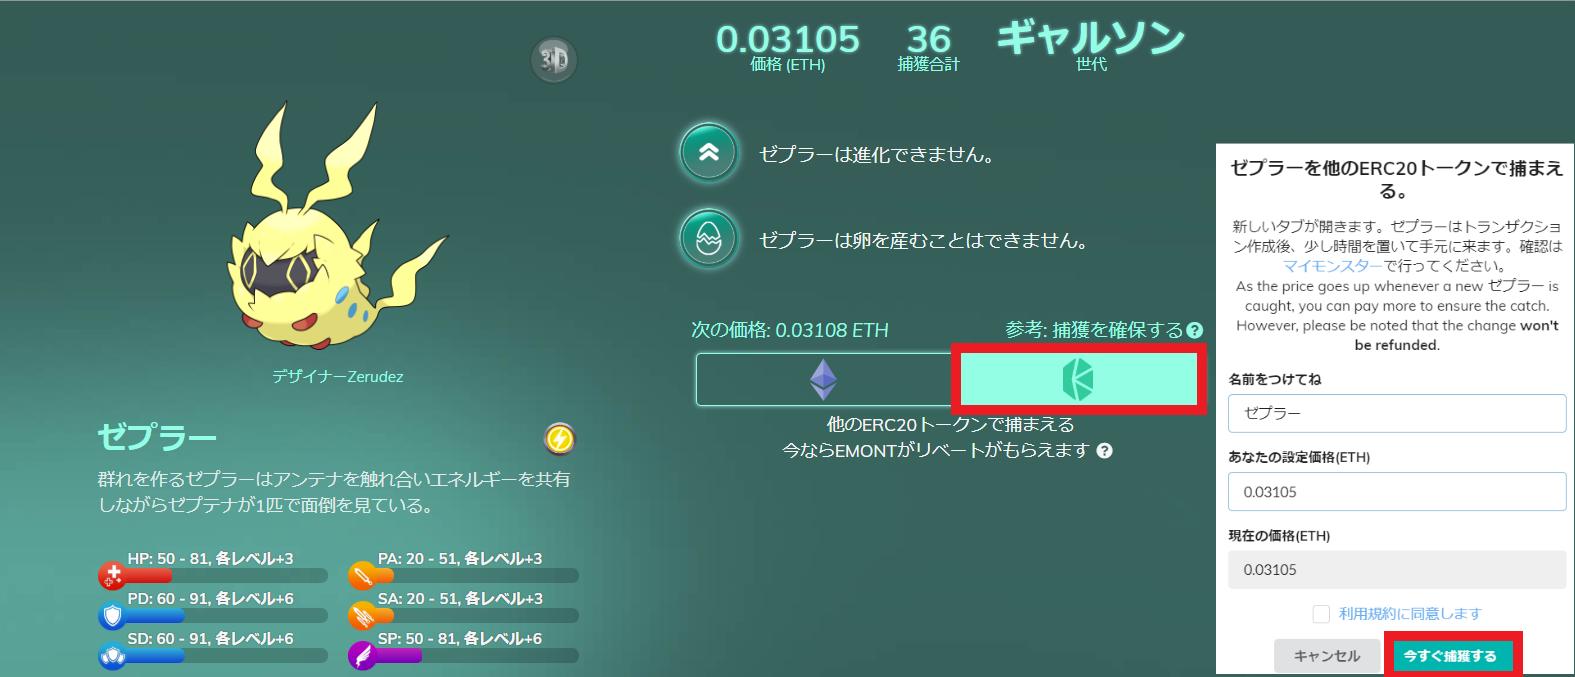 イーサエモン カイバーネットワーク トークン 購入方法 kybernetwork etheremon